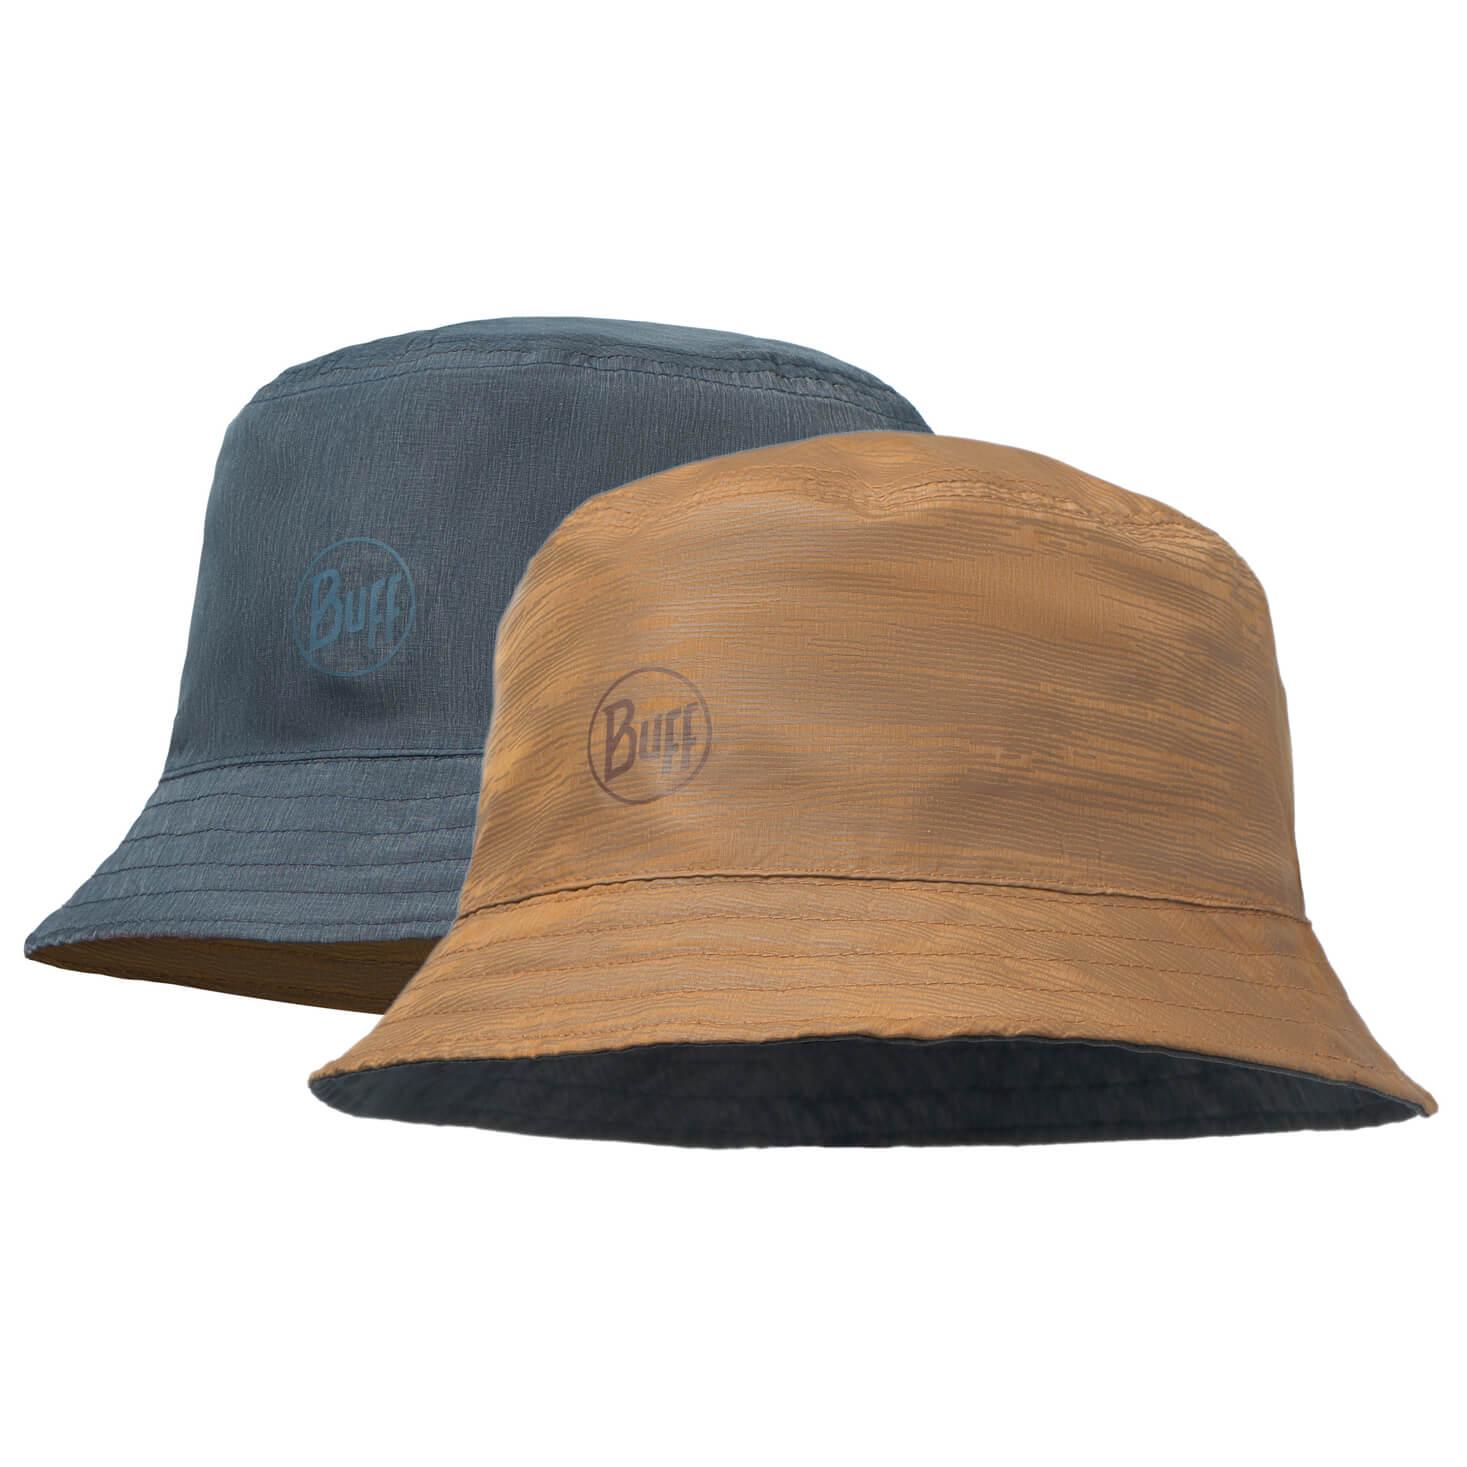 Buff Travel Bucket Hat Cap Buy Online Alpinetrek Co Uk